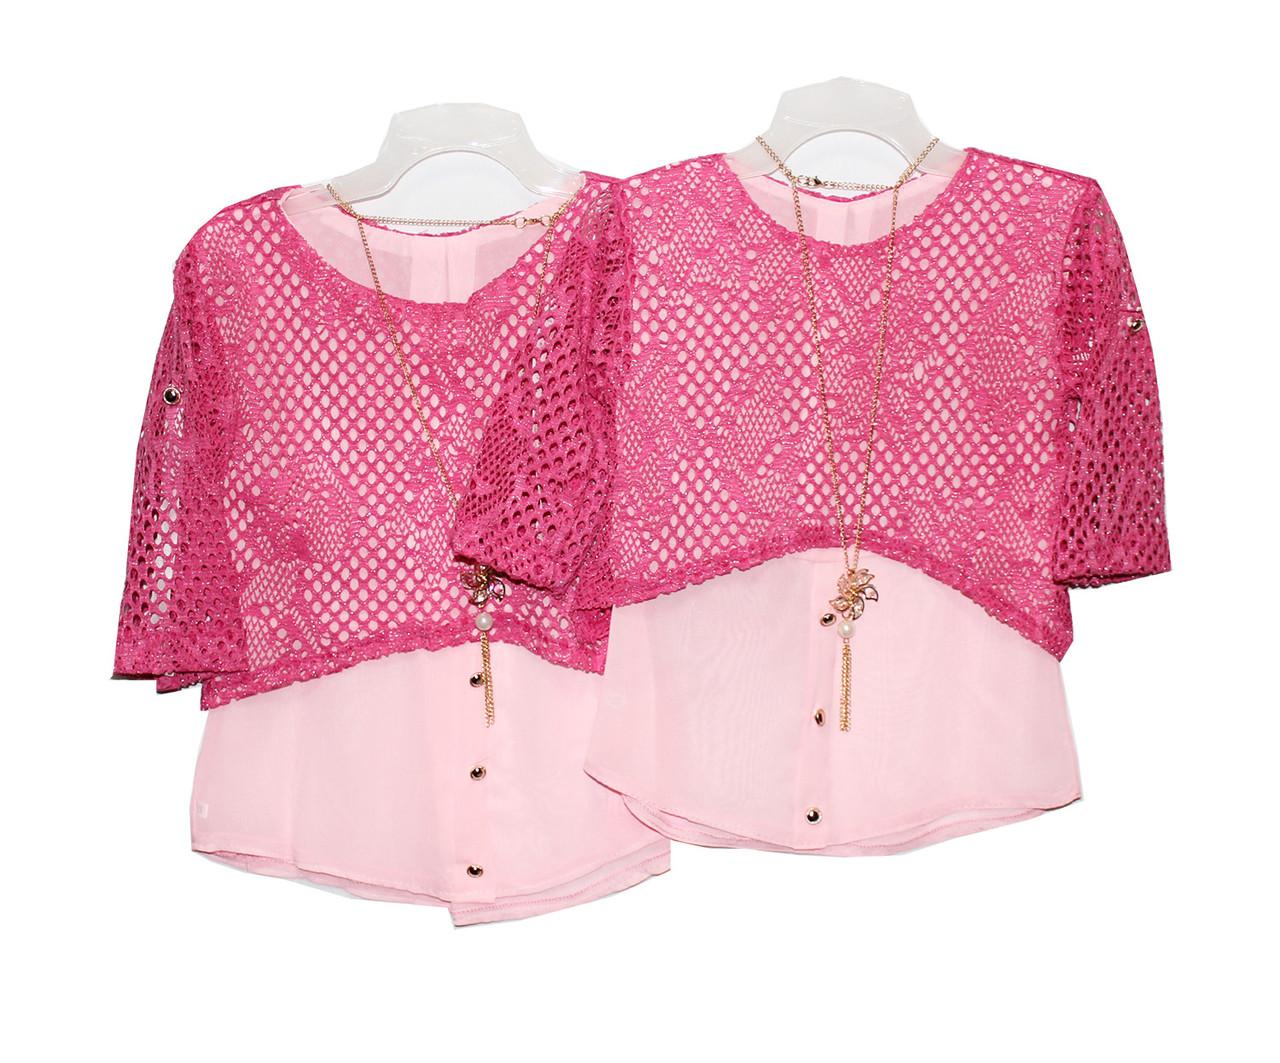 e5d1260b7a9 Блузки детские нарядные